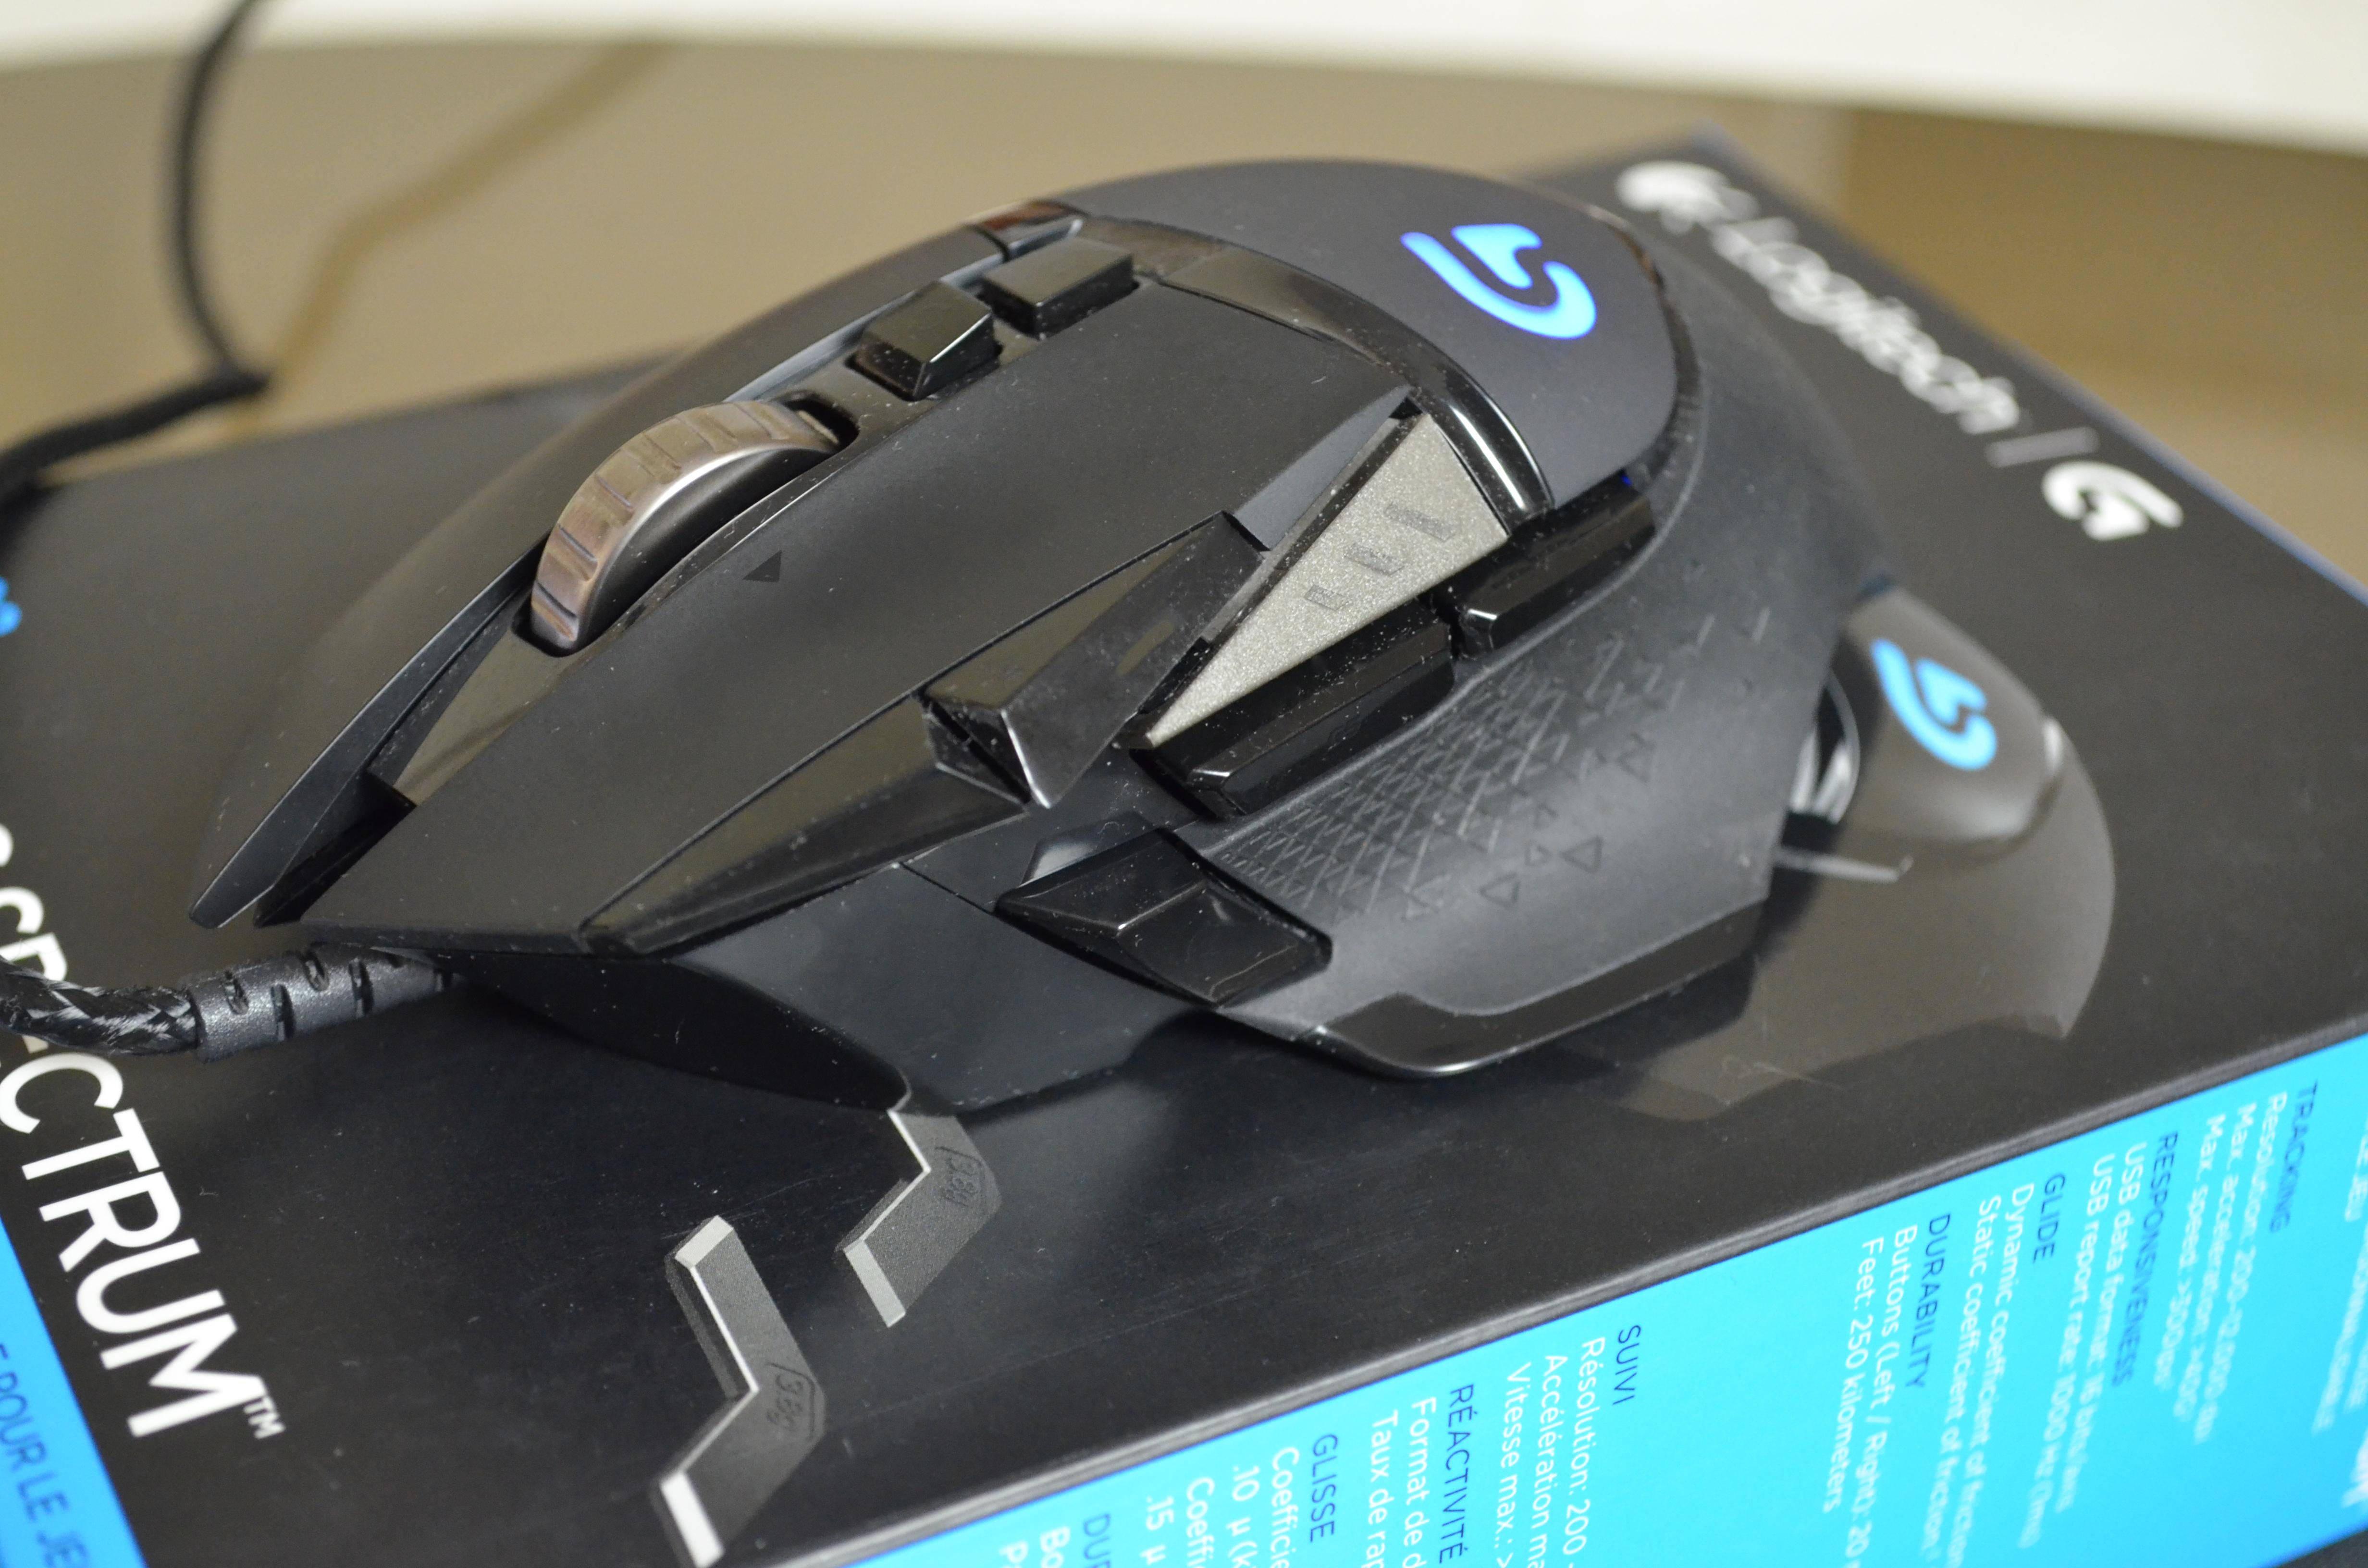 a107de294d2 Logitech G502 Proteus Spectrum RGB Tunable Gaming Mouse Review - My ...